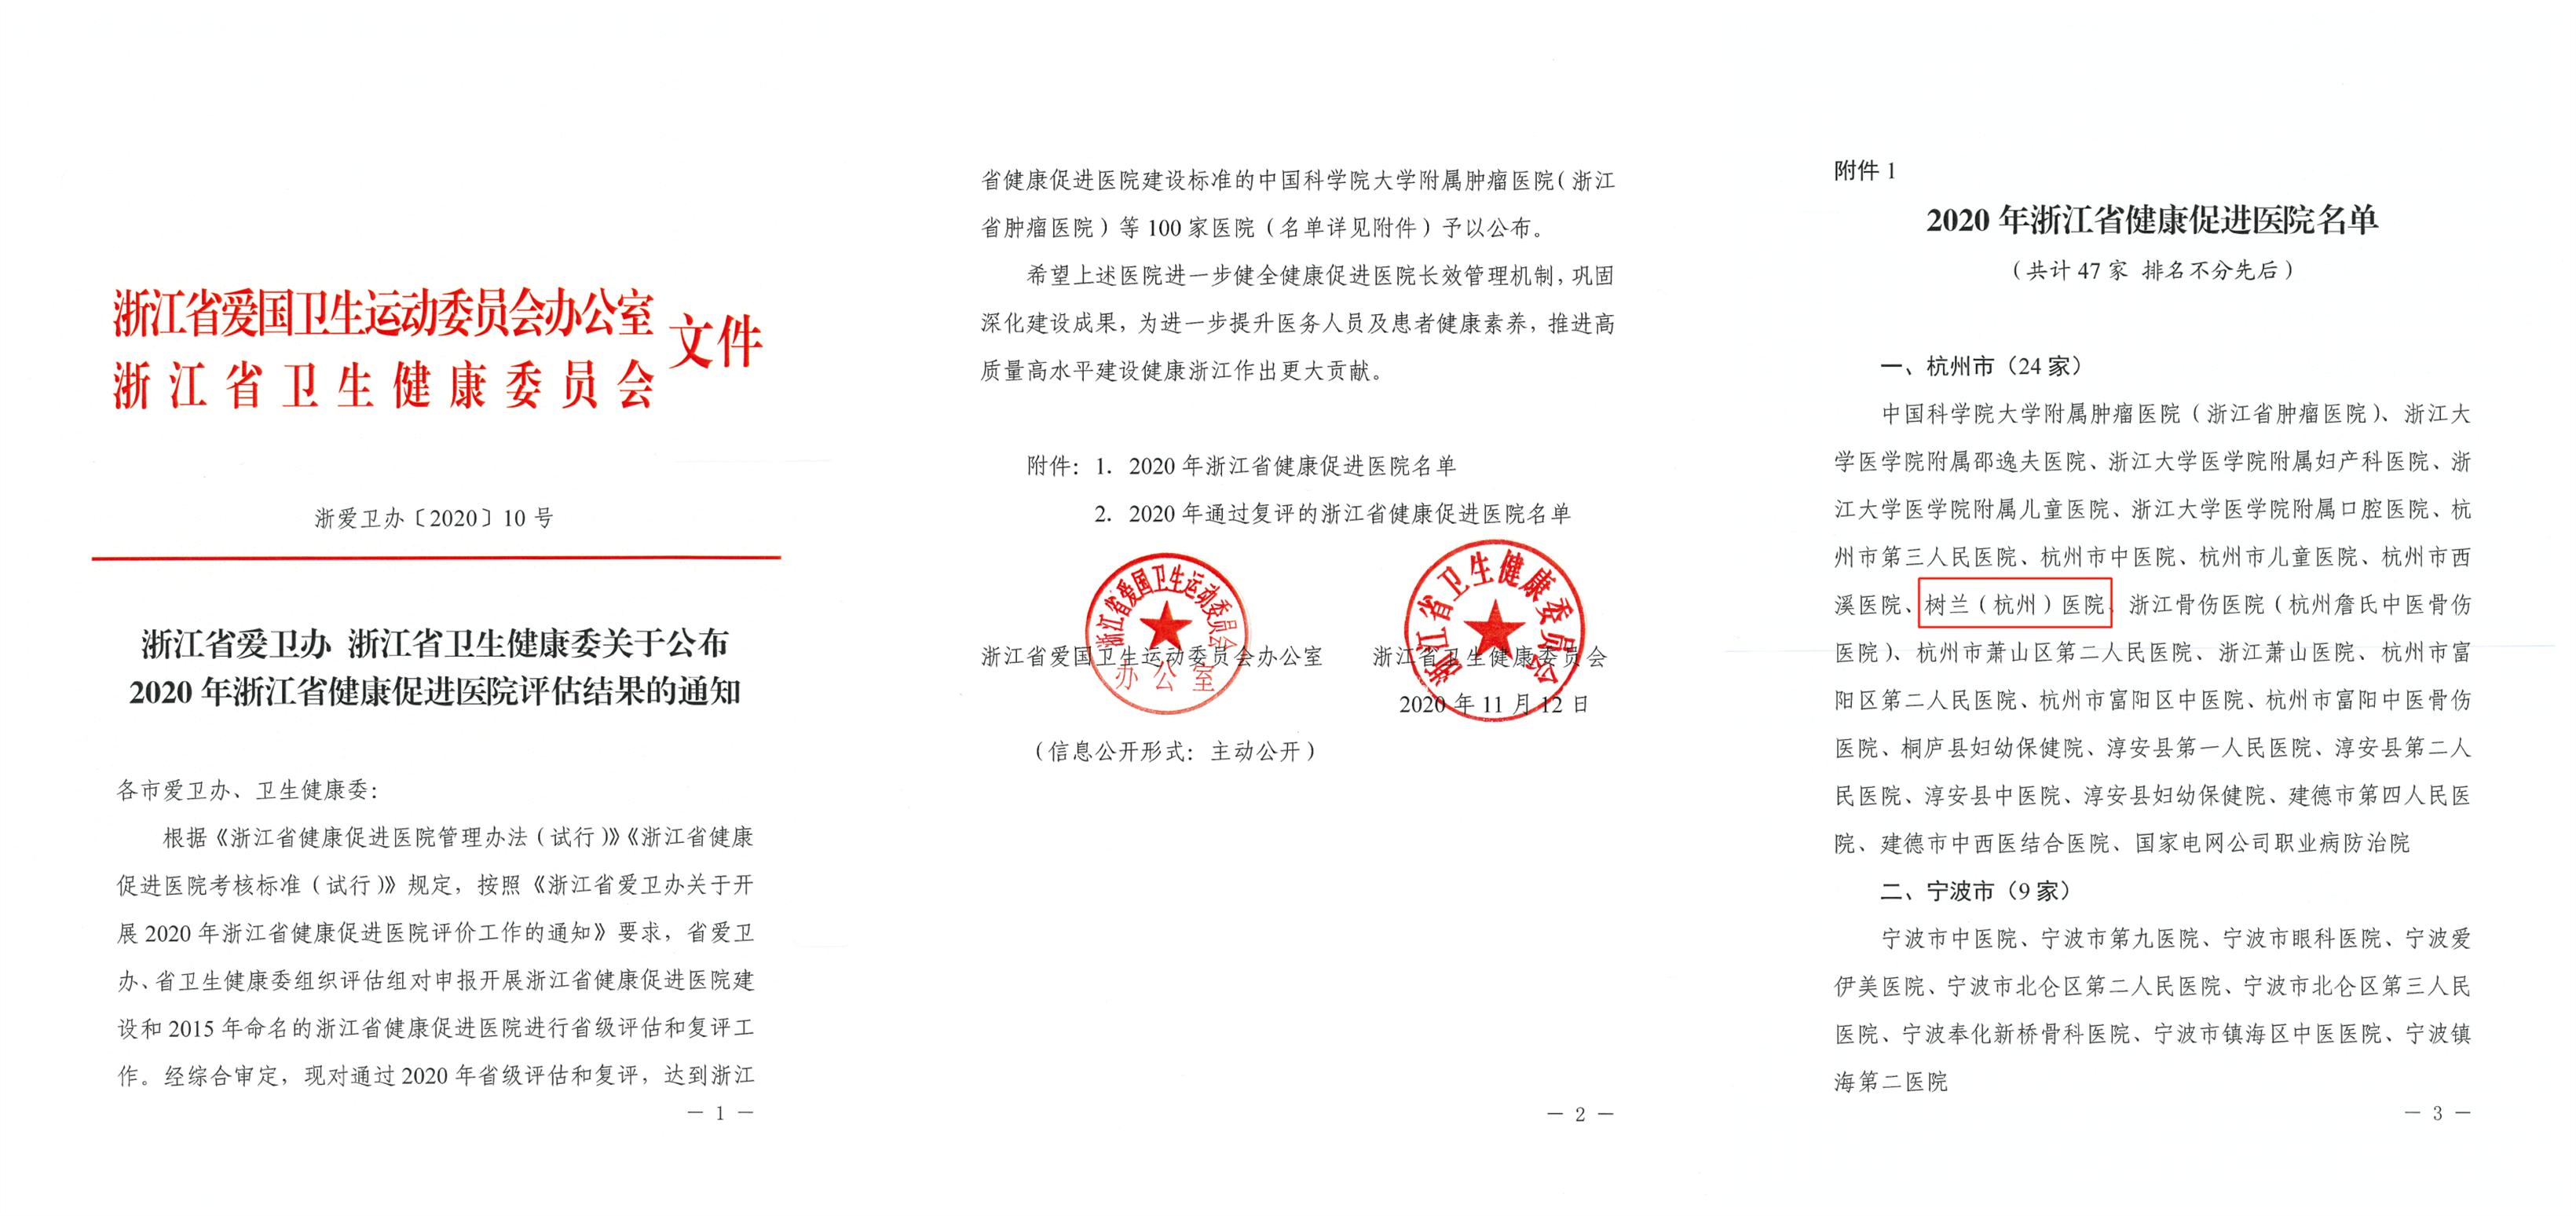 树兰(杭州)医院荣获「浙江省健康促进医院」称号